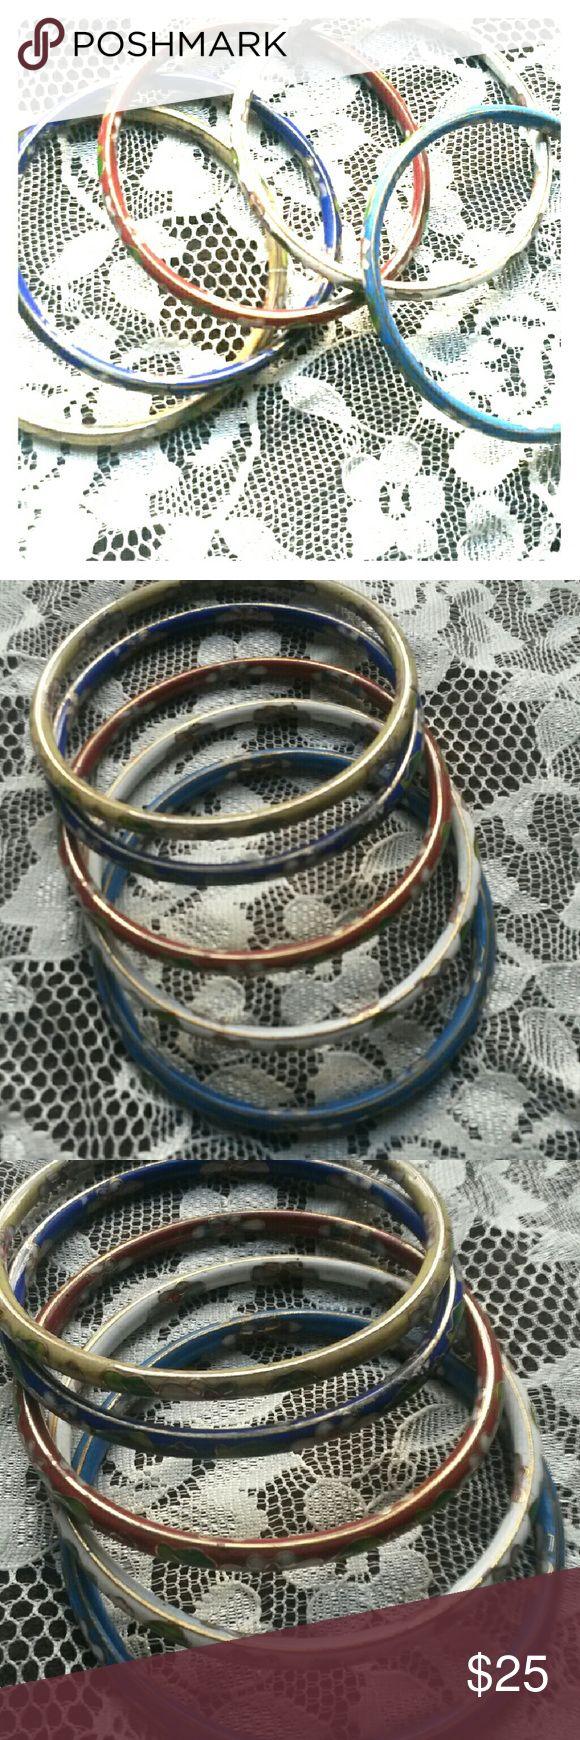 Vintage Porcelain bangles Set Beautiful set of 5 Porslien Floral Bangles. Green,dark blue,light blue,white, and red. Jewelry Bracelets